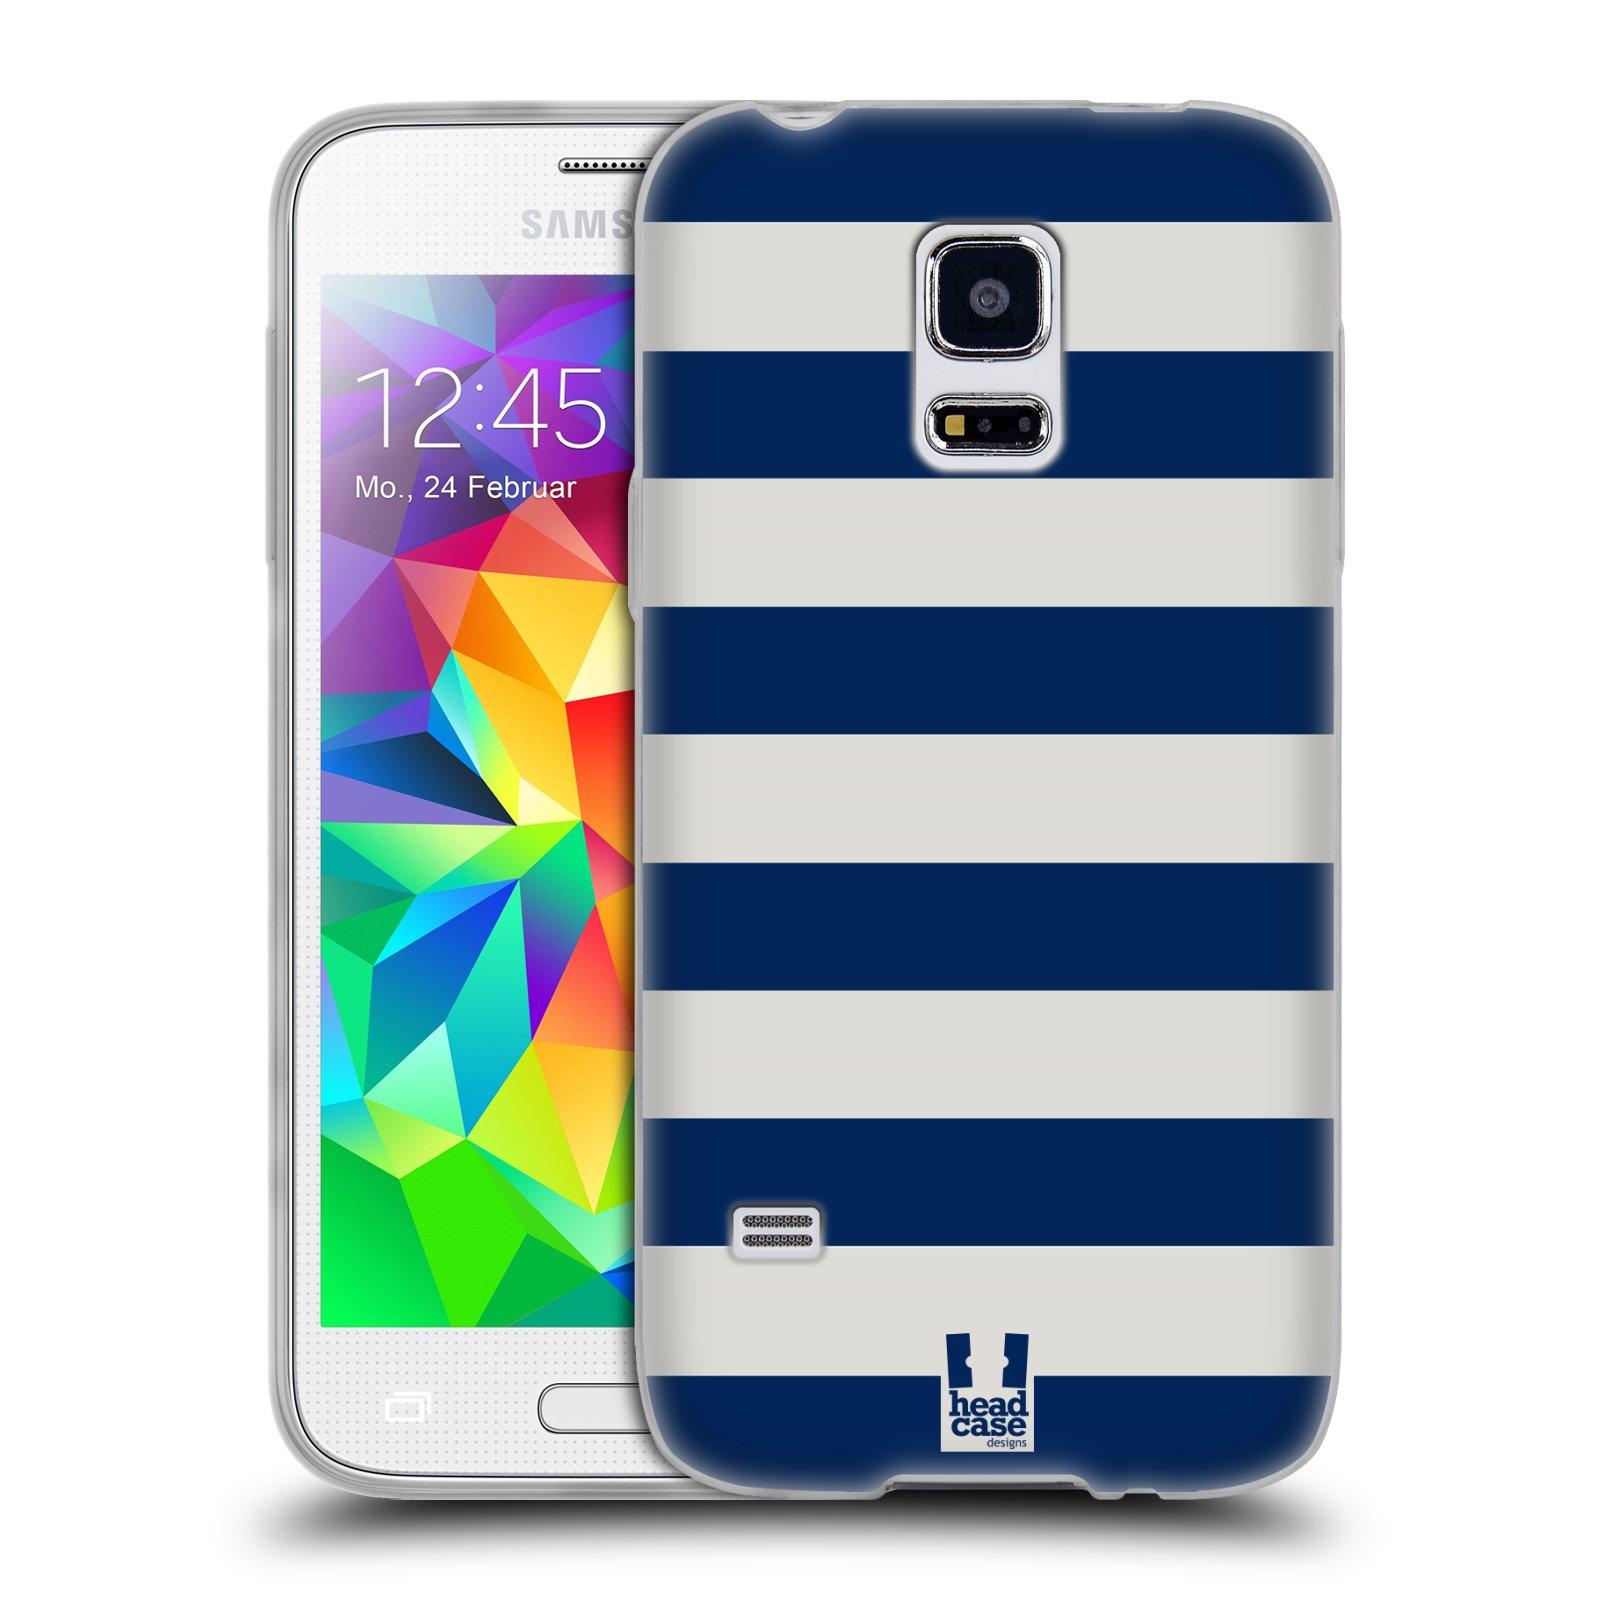 HEAD CASE silikonový obal na mobil Samsung Galaxy S5 MINI vzor Barevné proužky MODRÁ A BÍLÁ NÁMOŘNÍK